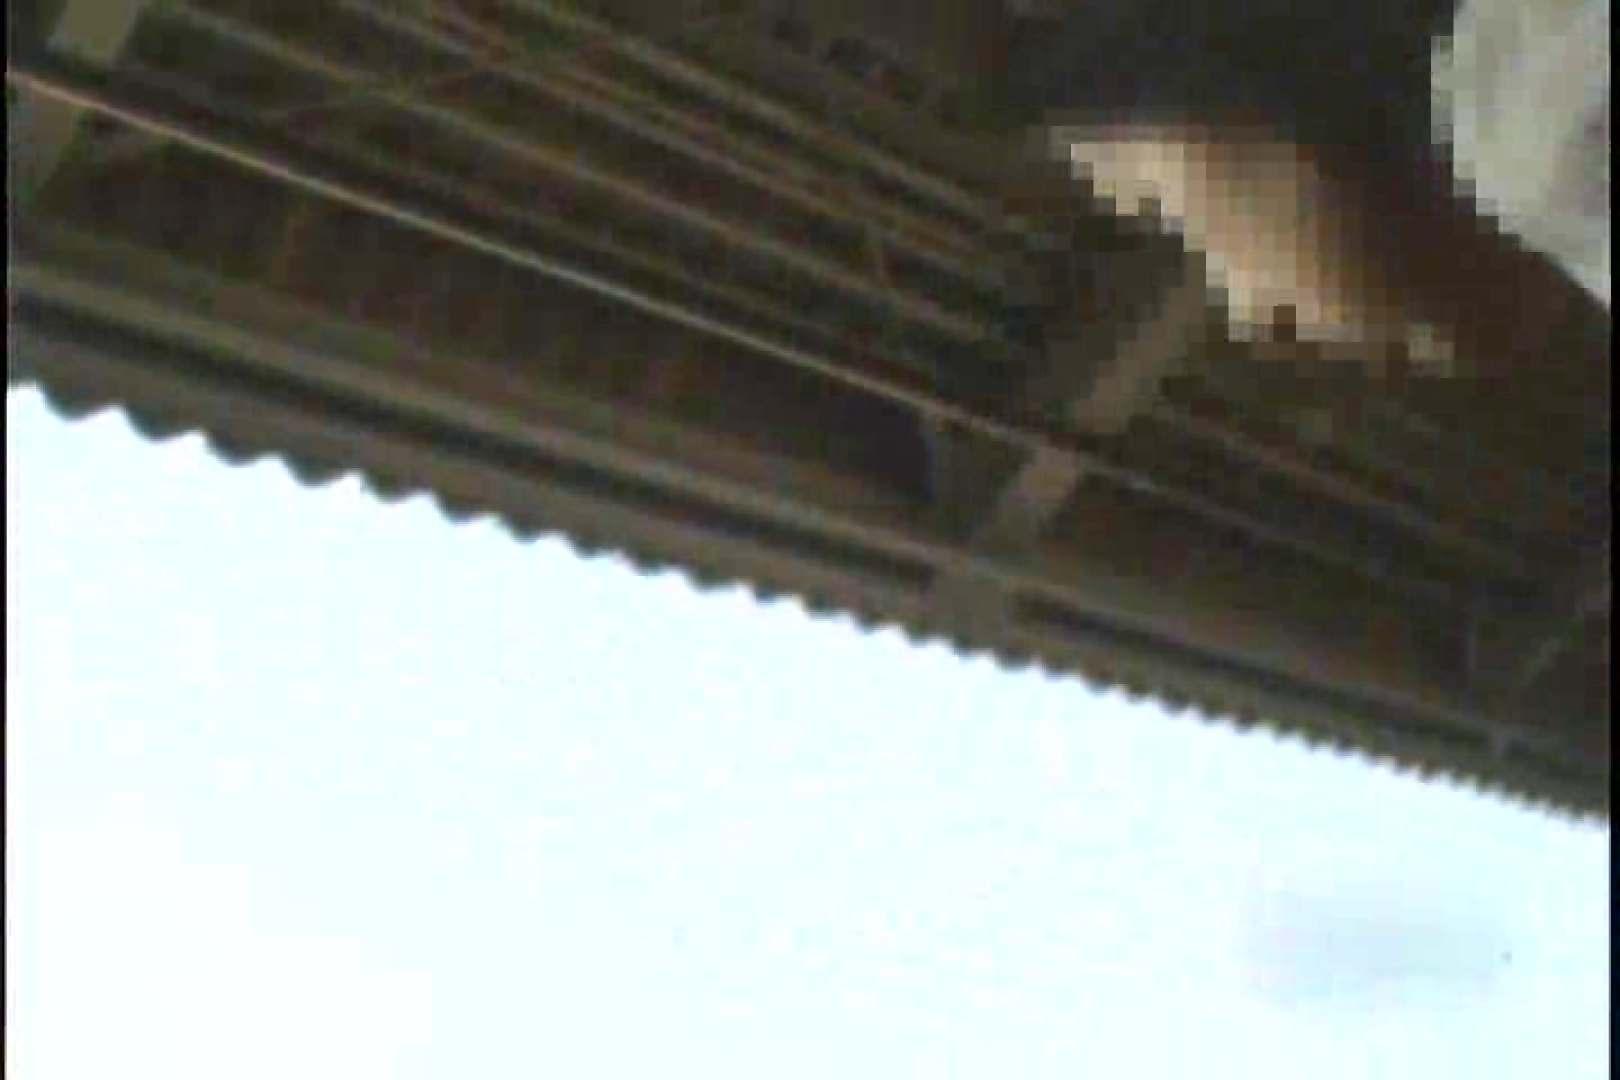 私鉄沿線美女限定パンティー丸覗き!!vol.03 車でエッチ われめAV動画紹介 106PIX 51